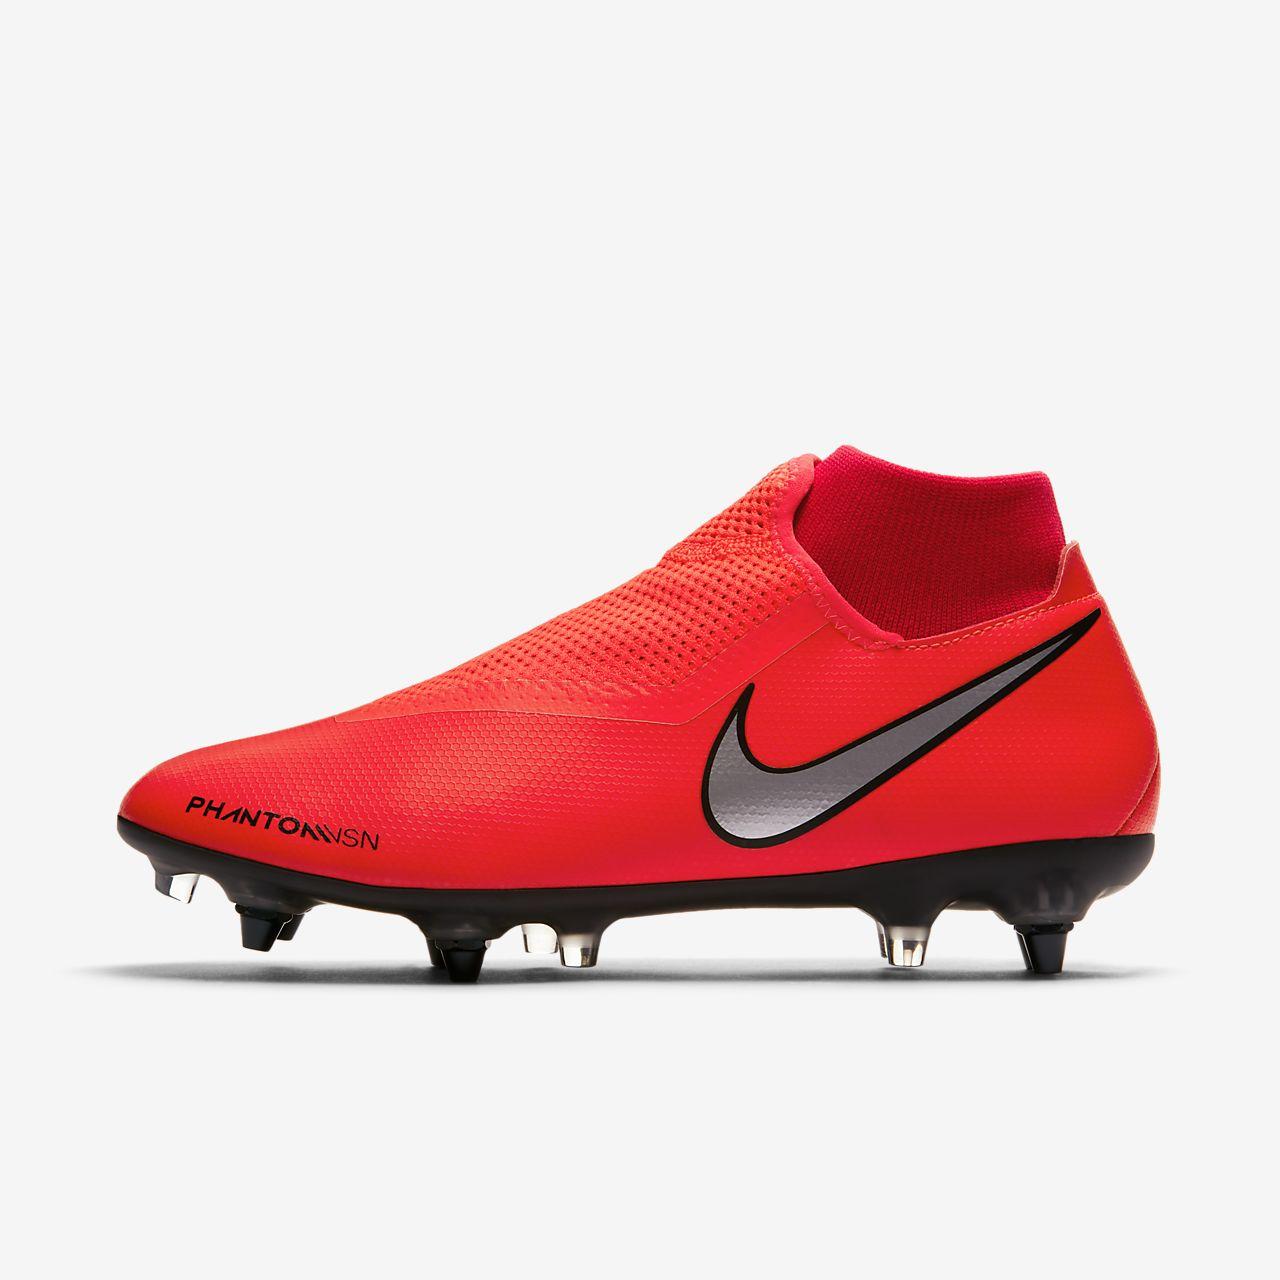 Fotbollssko för vått gräs Nike PhantomVSN Academy Dynamic Fit SG-Pro Anti-Clog Traction